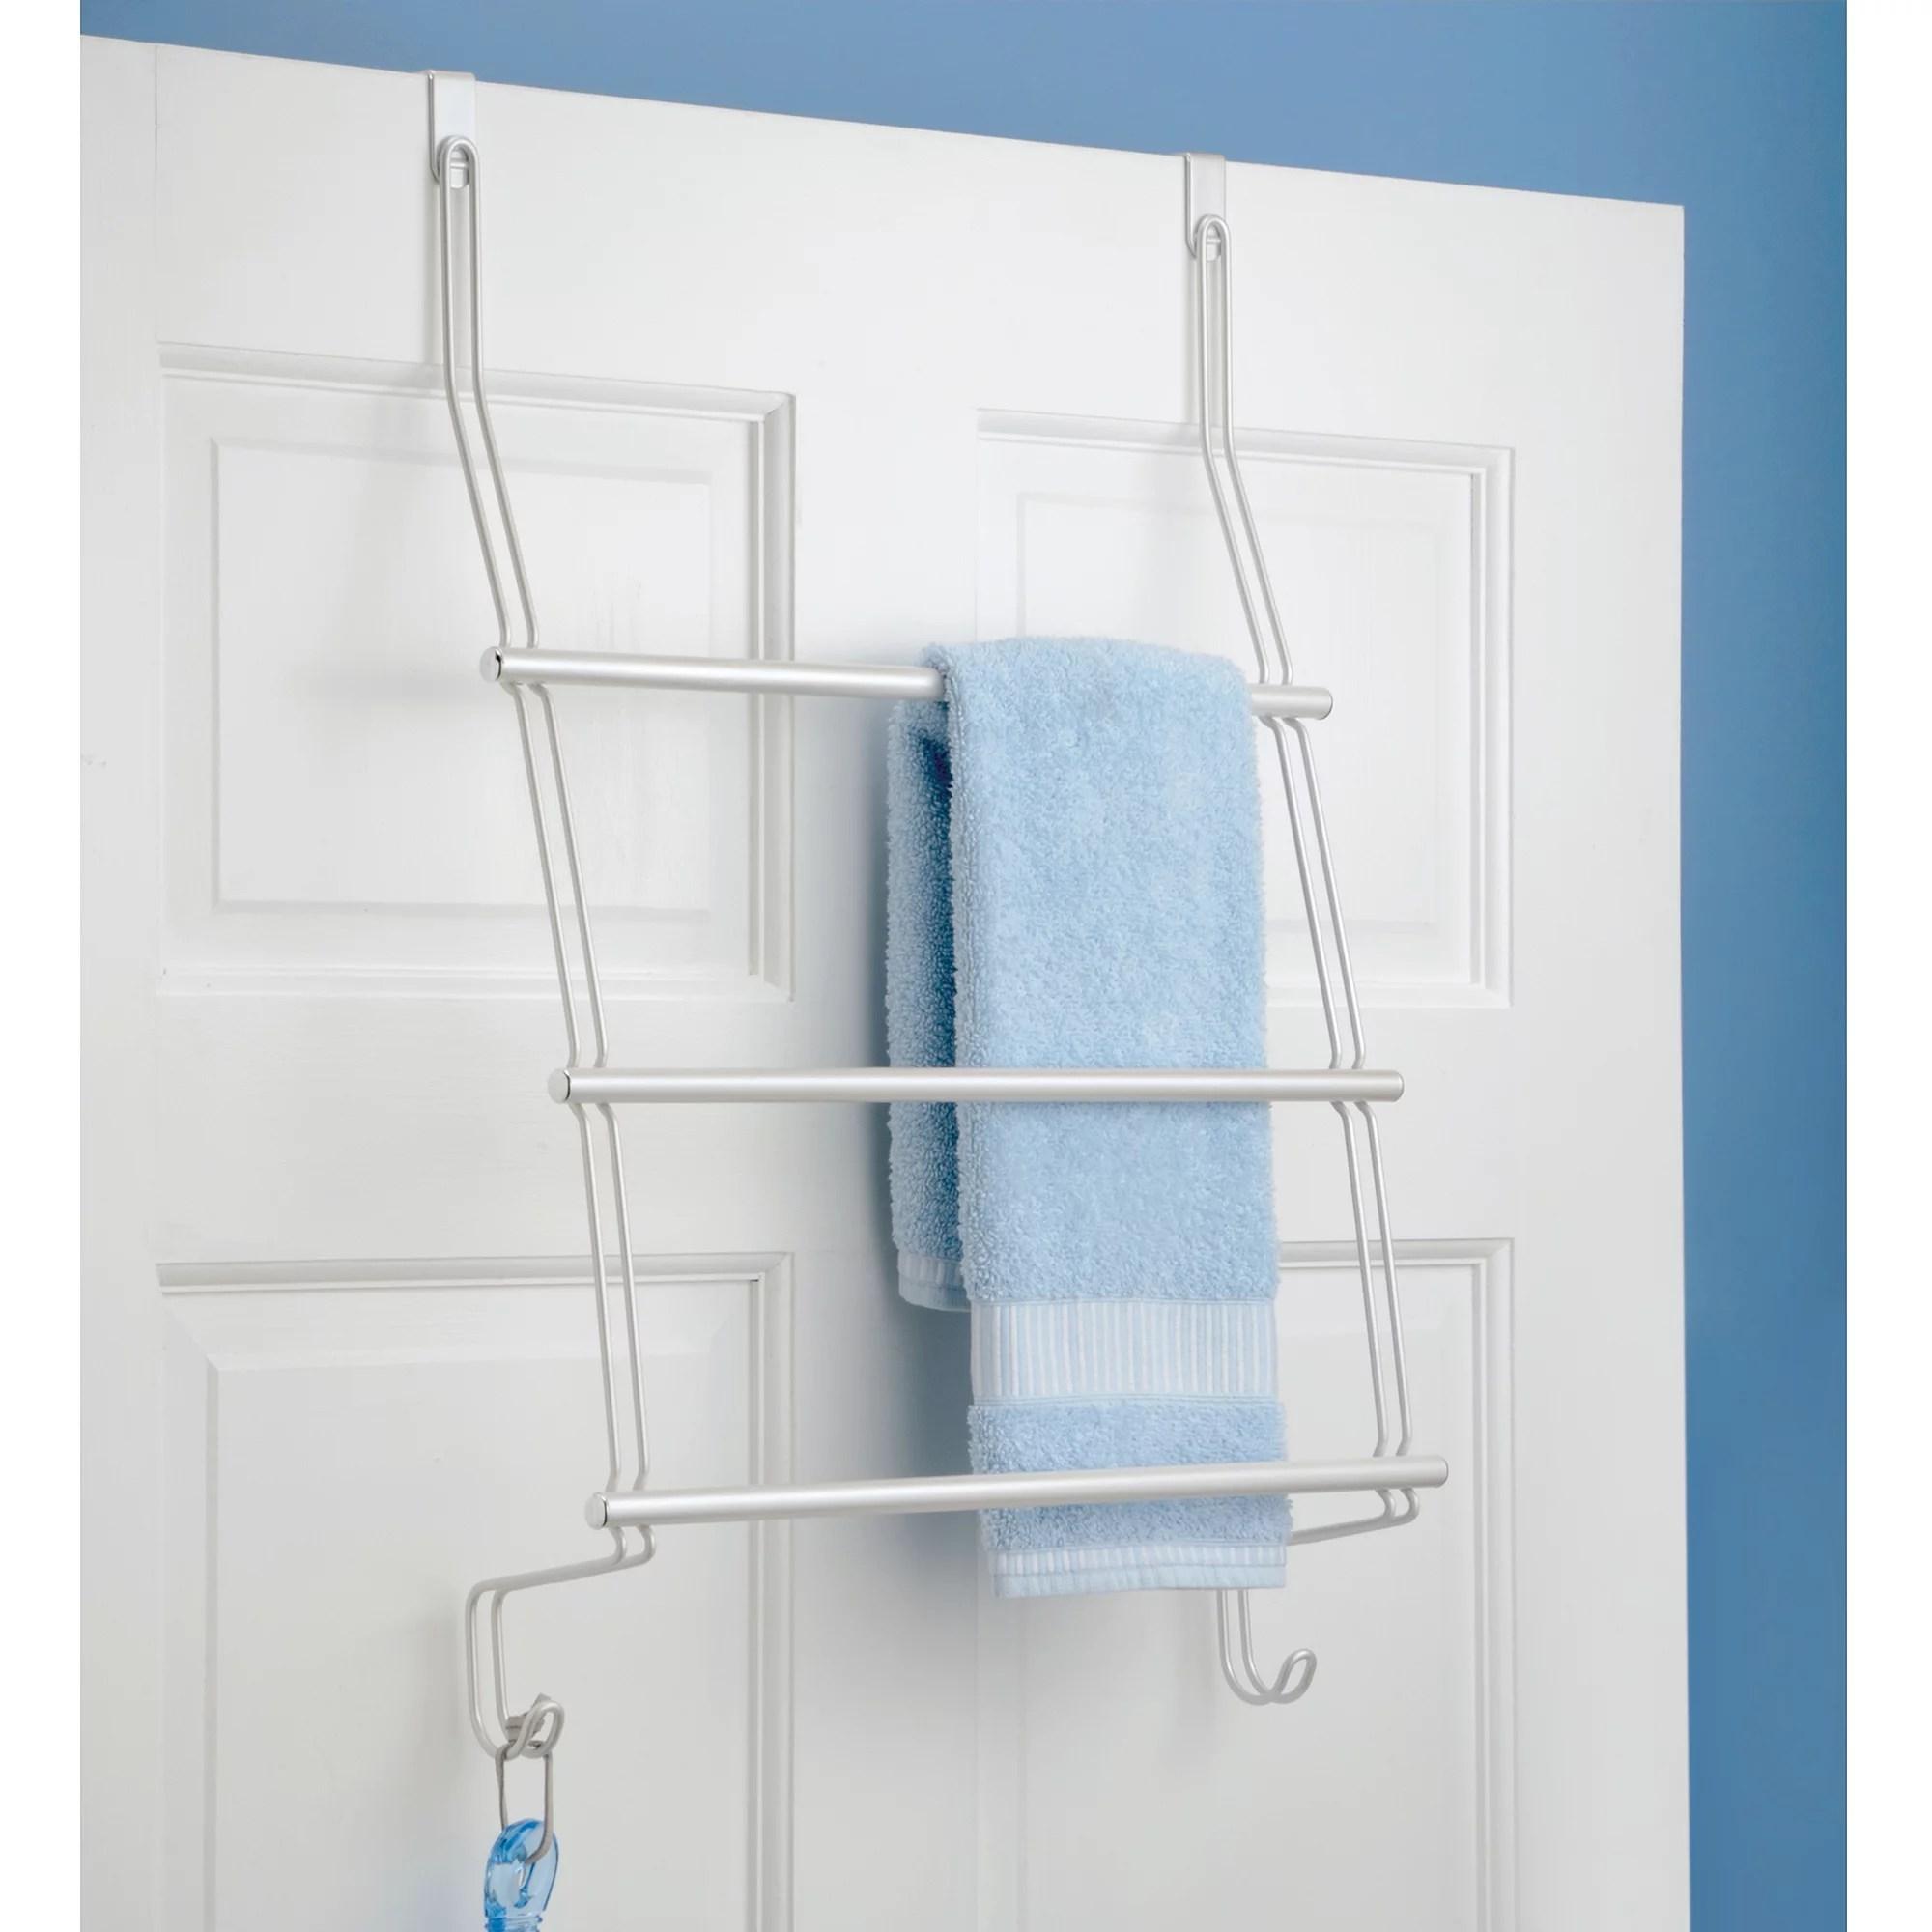 interdesign classico over the door towel rack walmart com walmart com